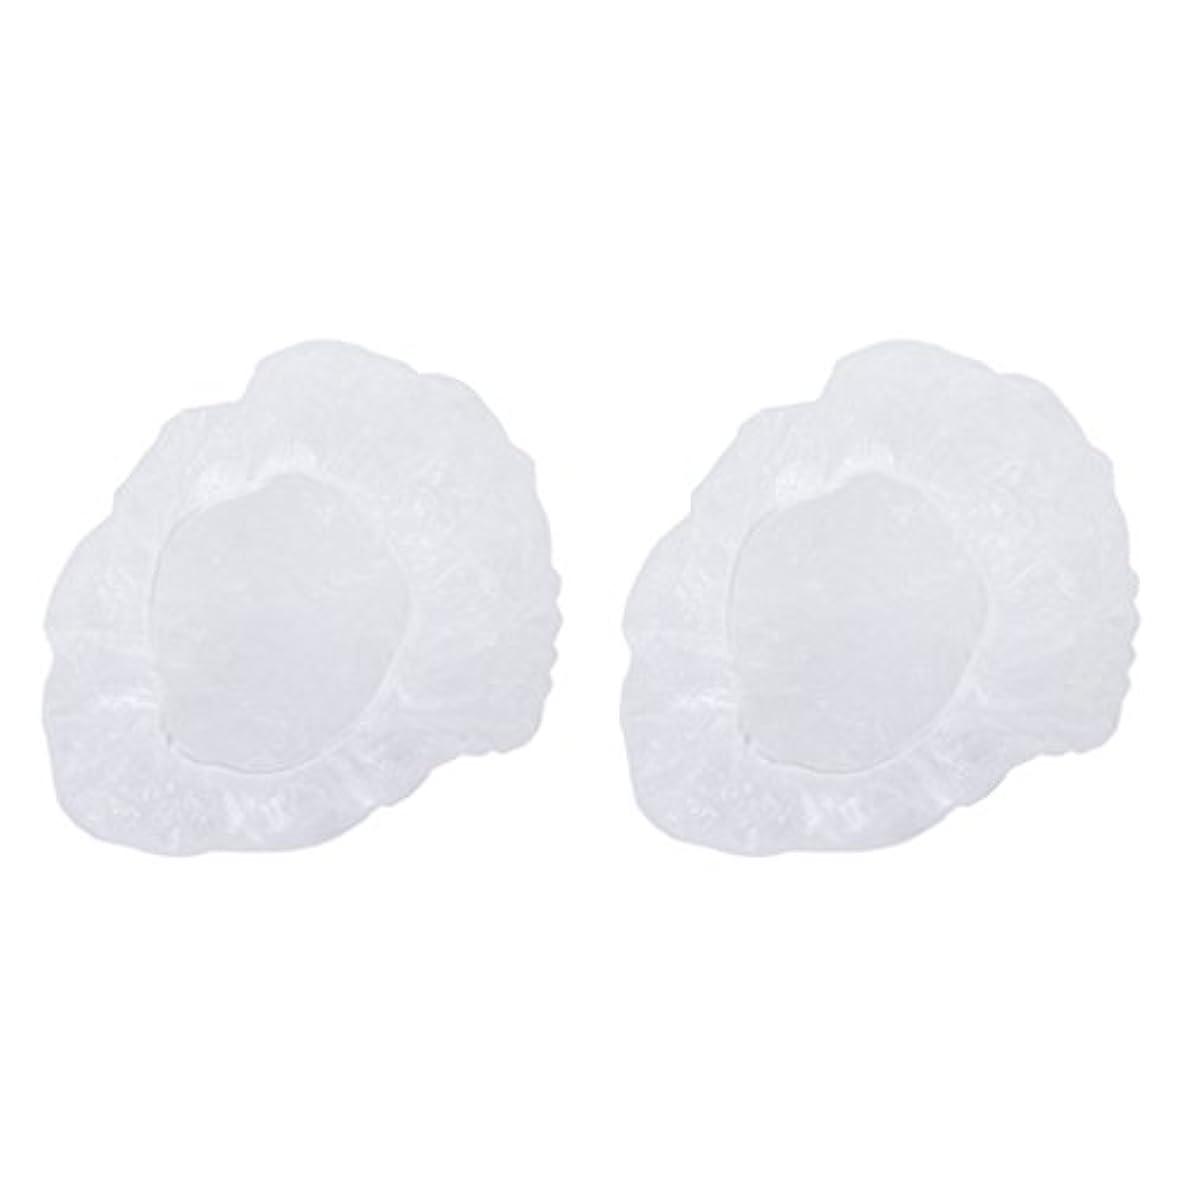 硫黄スチュアート島明確なPerfk お買い得 ポリエチレン シャワーキャップ カバー 使い捨て プラスチック製  シャンプーハット 透明 200枚